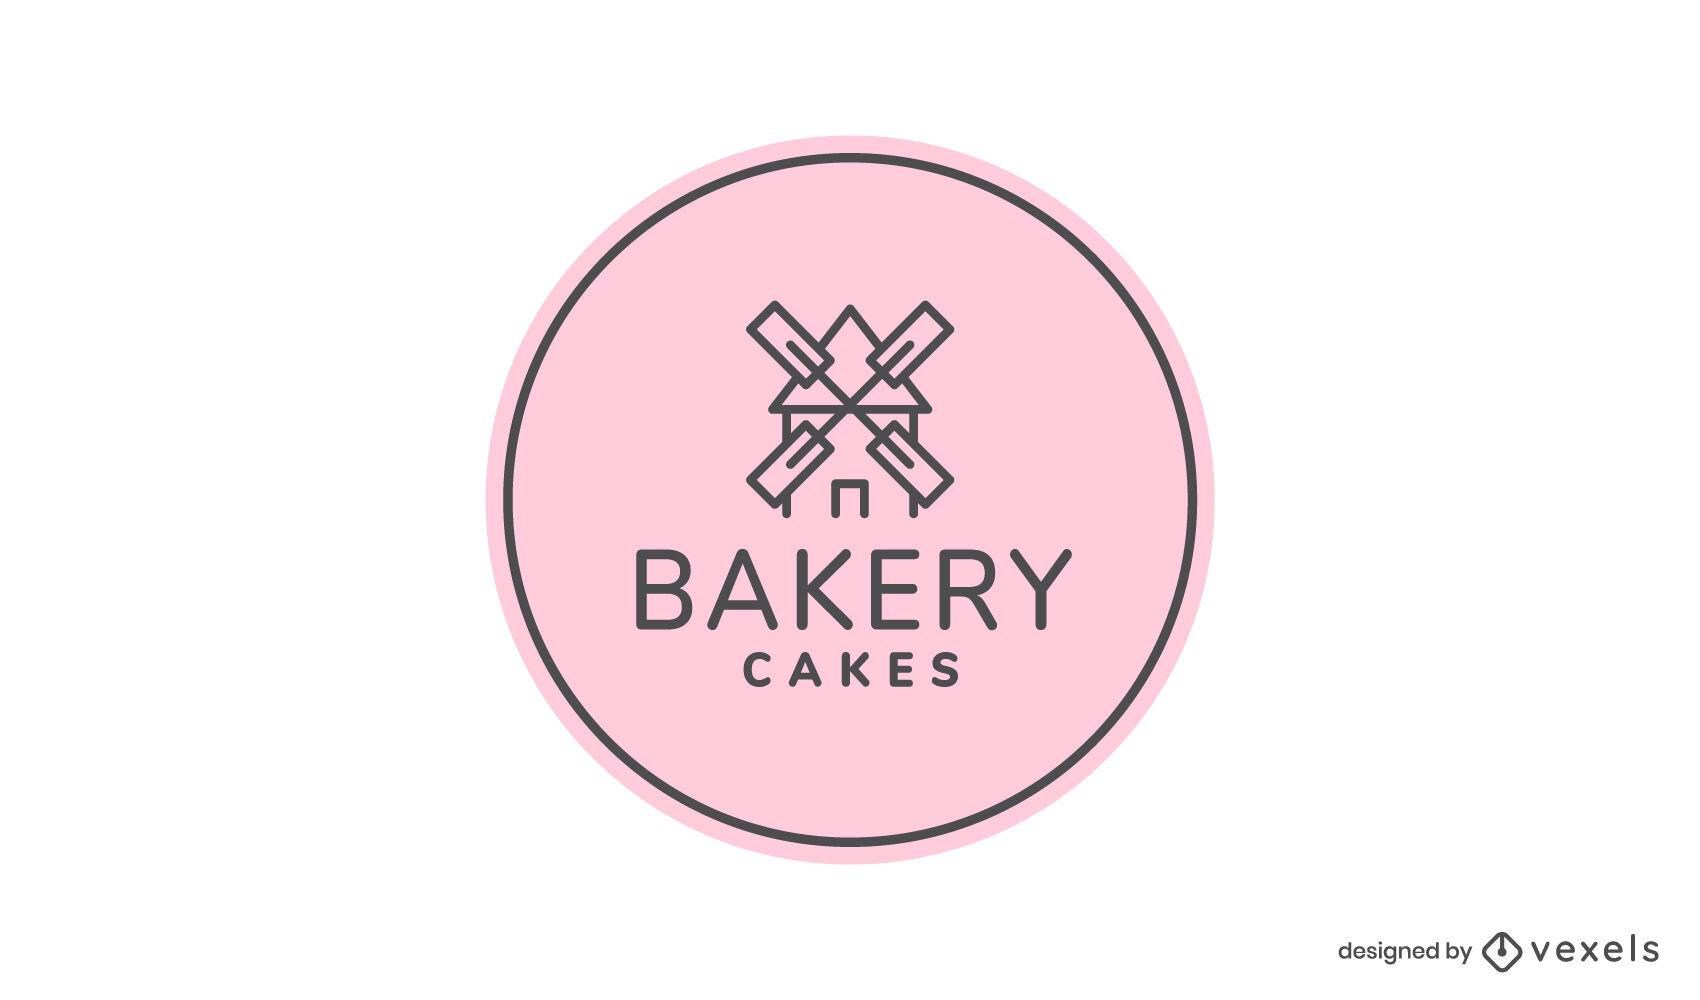 Trazo de molino de viento en el logo de panadería circular